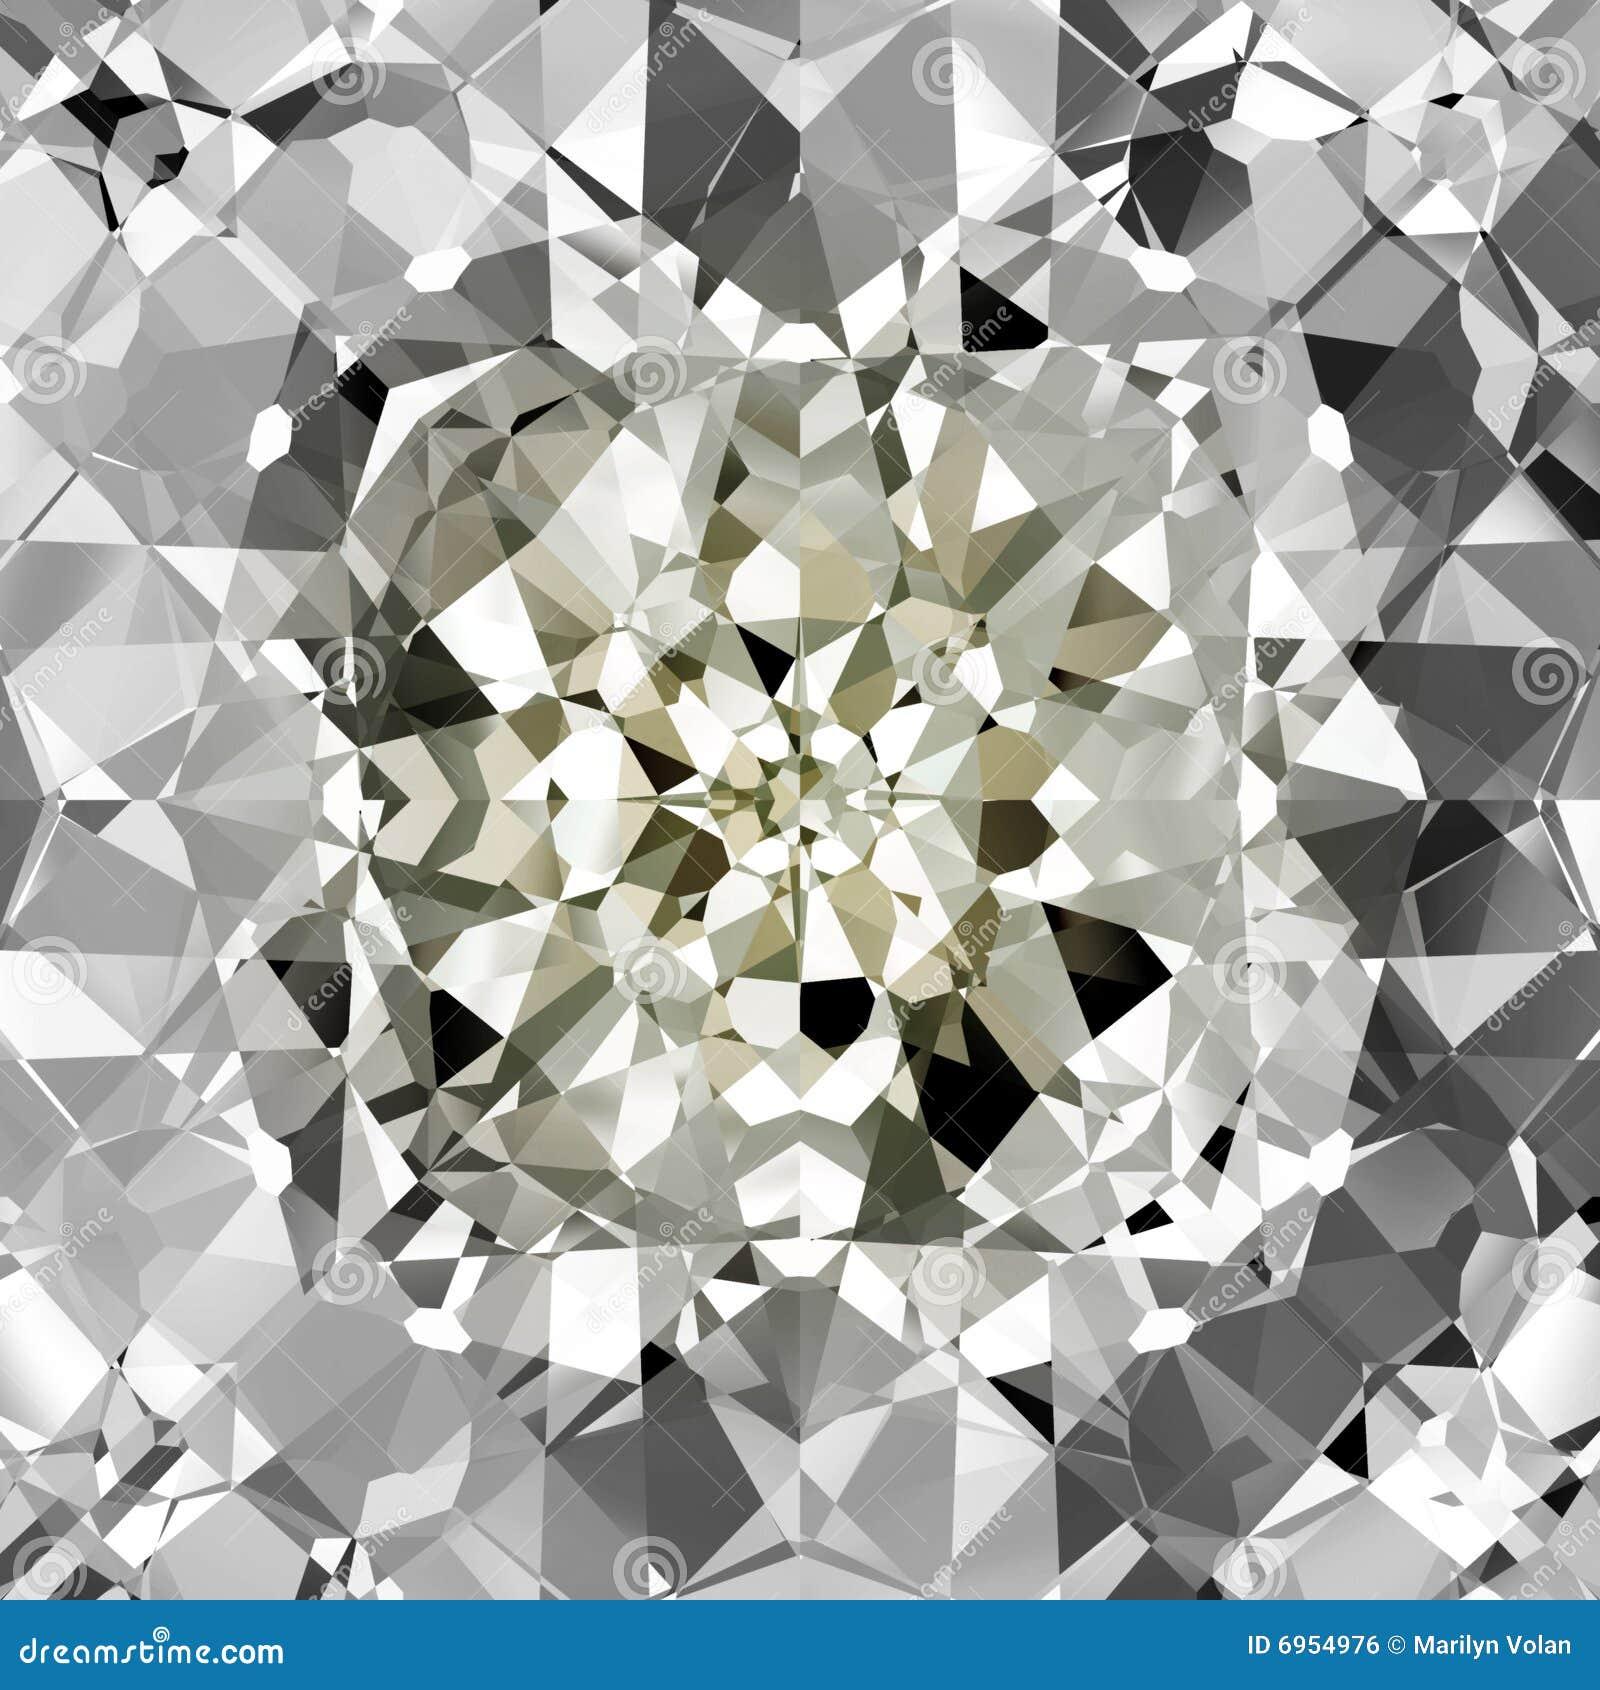 Vector Diamond Background